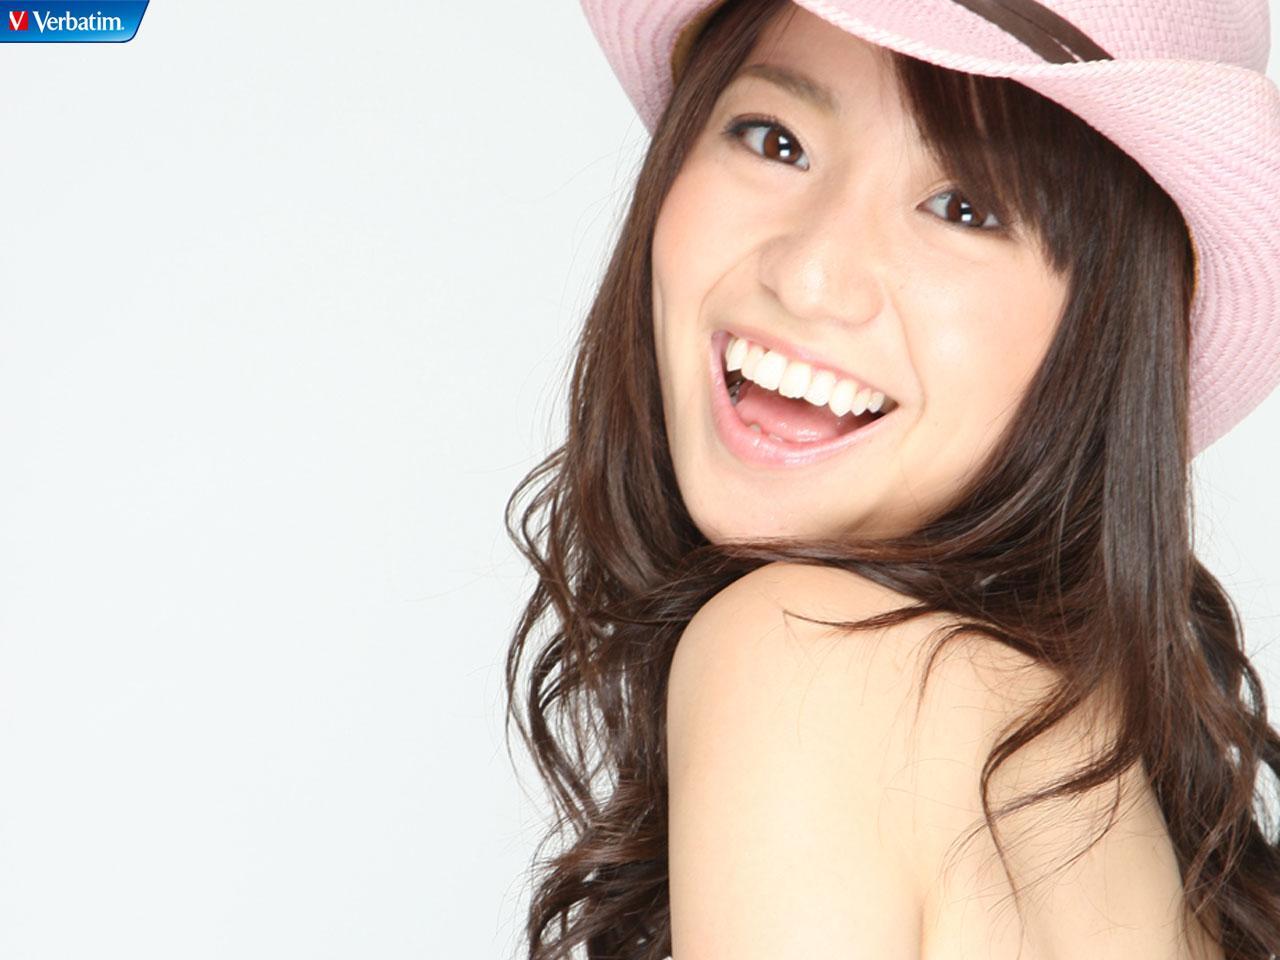 誰でも今日からできちゃう!?なりきり大島優子風ナチュラルメイク♪のサムネイル画像